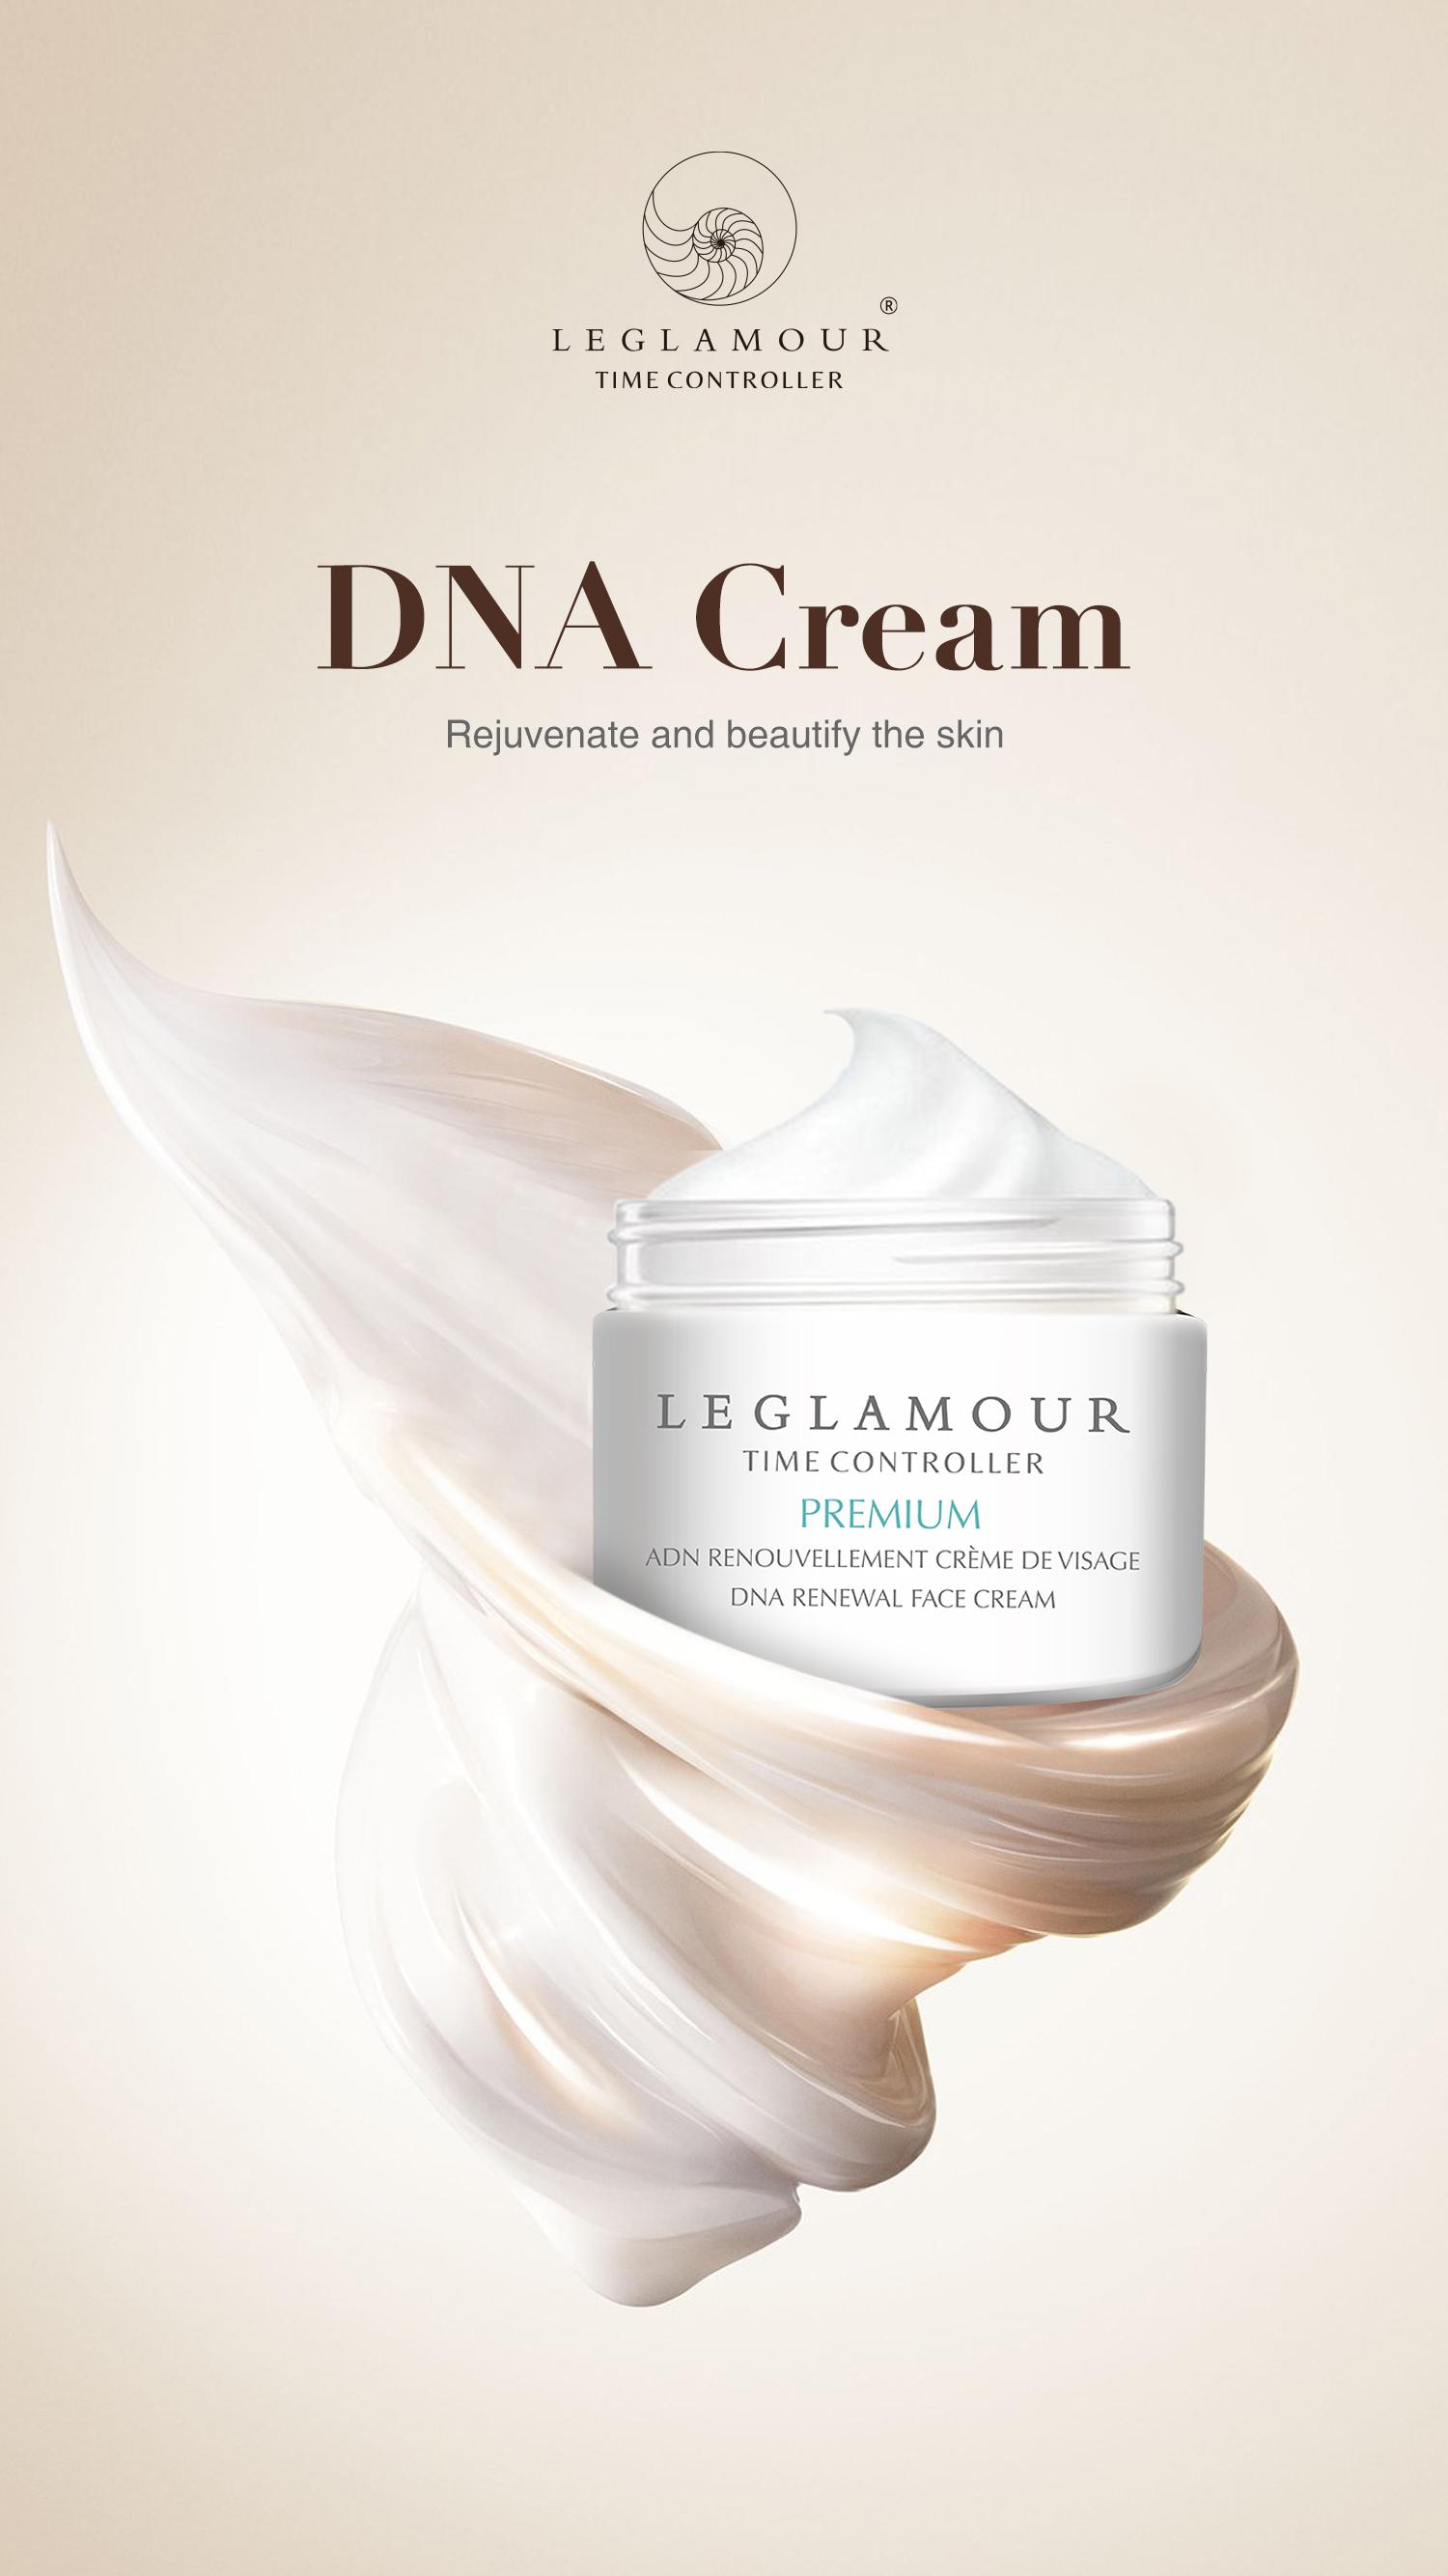 DNA Cream